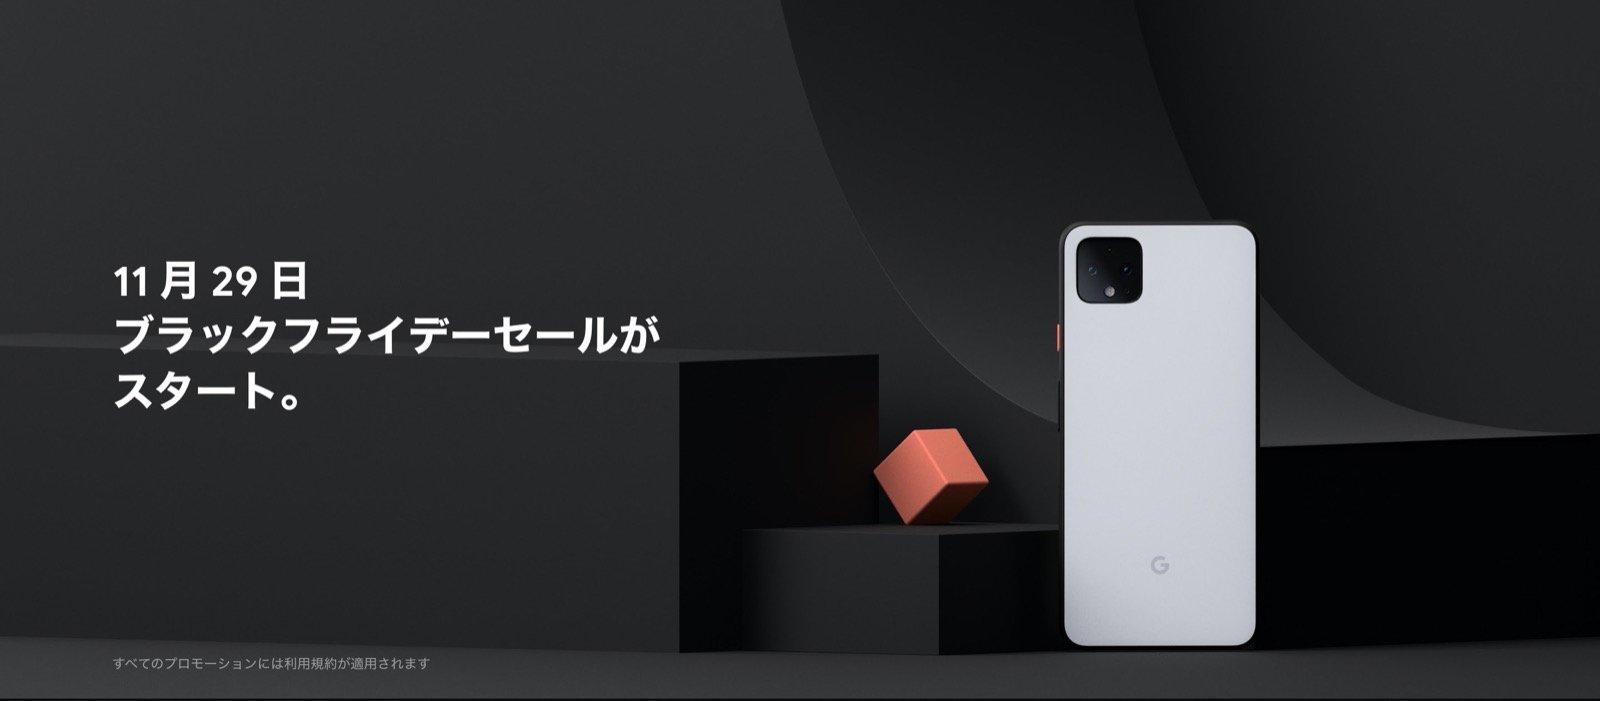 「Pixel 4」購入で1.6万円分プレゼント。Googleストアでブラックフライデーセール